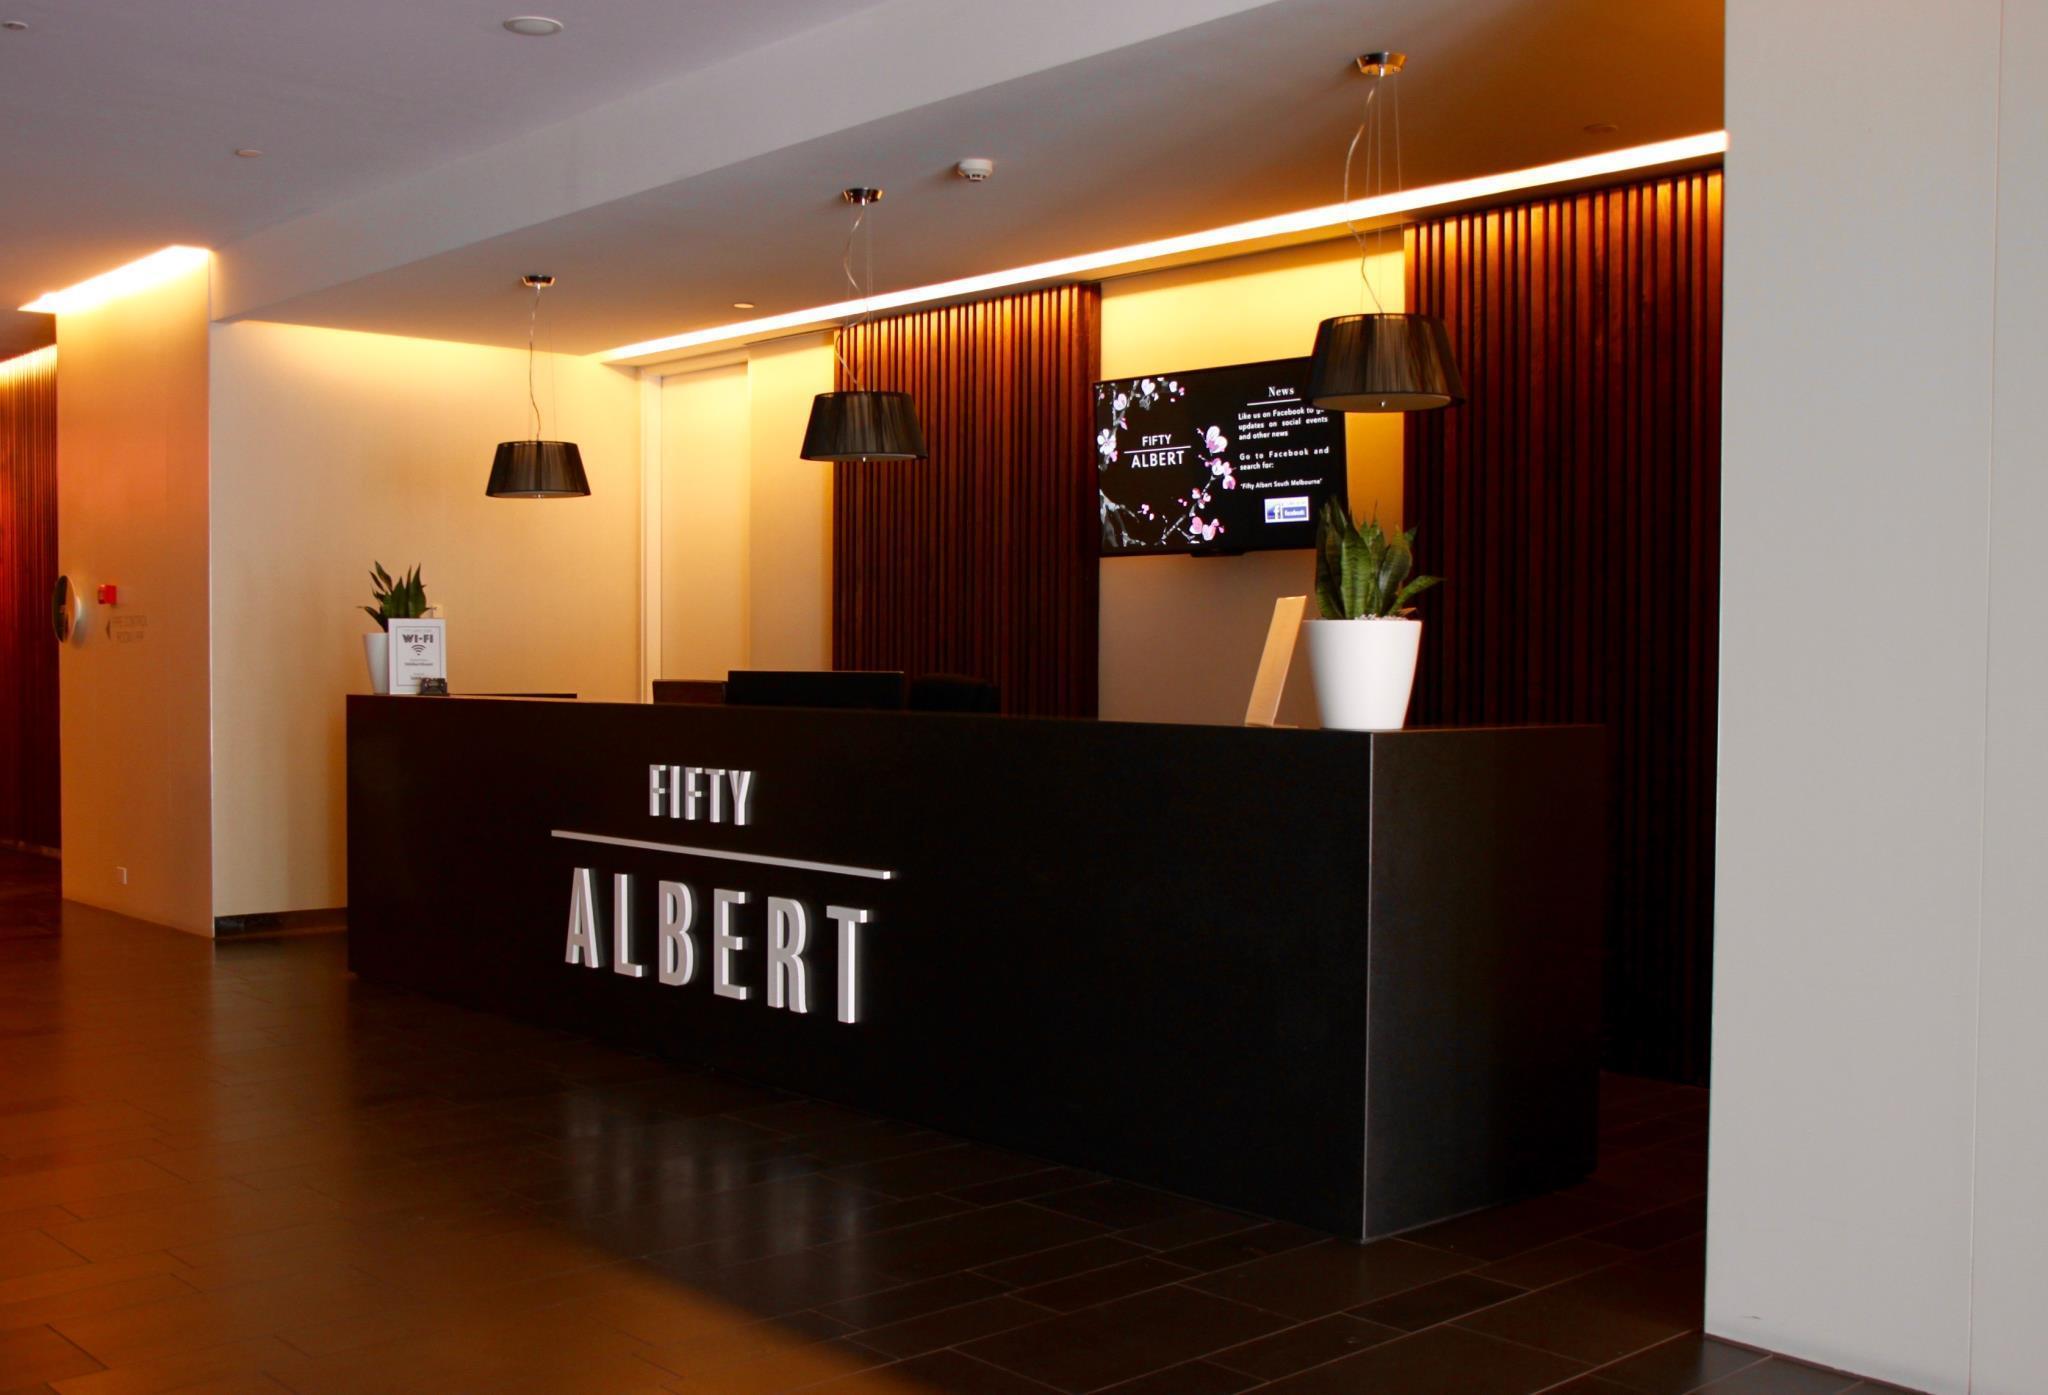 Fifty Albert